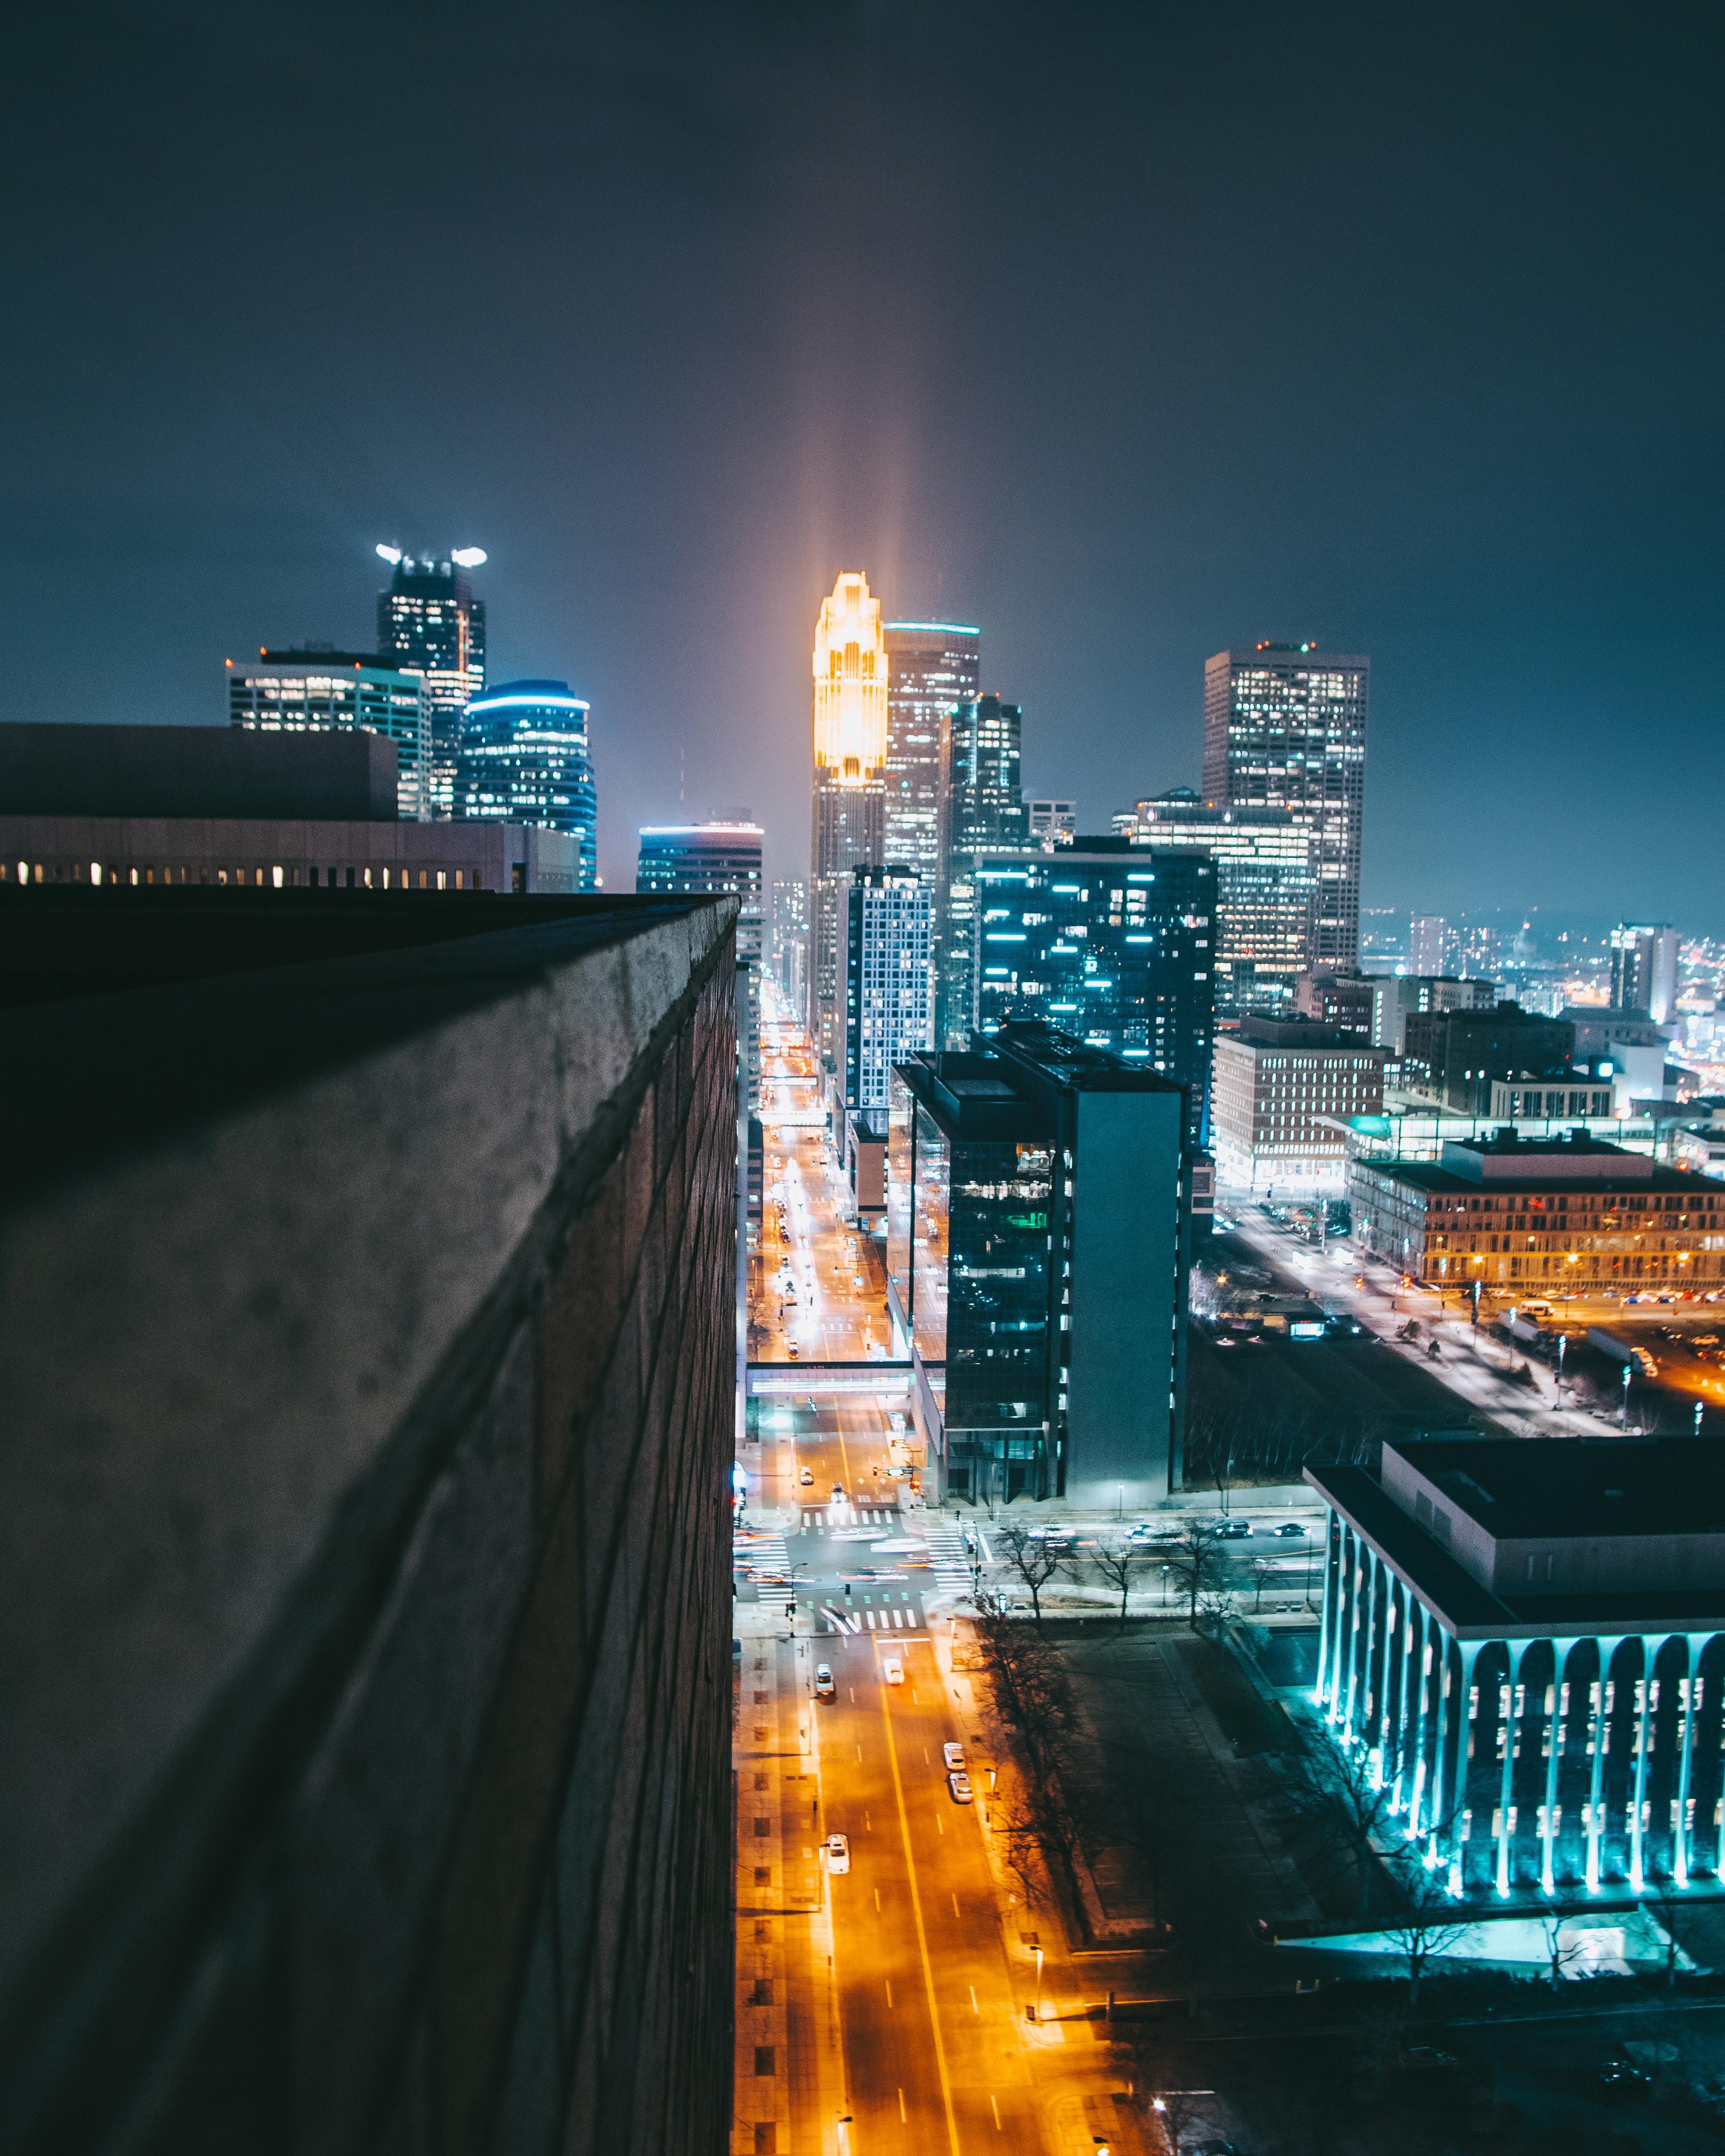 132061 скачать обои Город, Ночь, Освещение, Улица, Здания, Городской, Архитектура, Города - заставки и картинки бесплатно